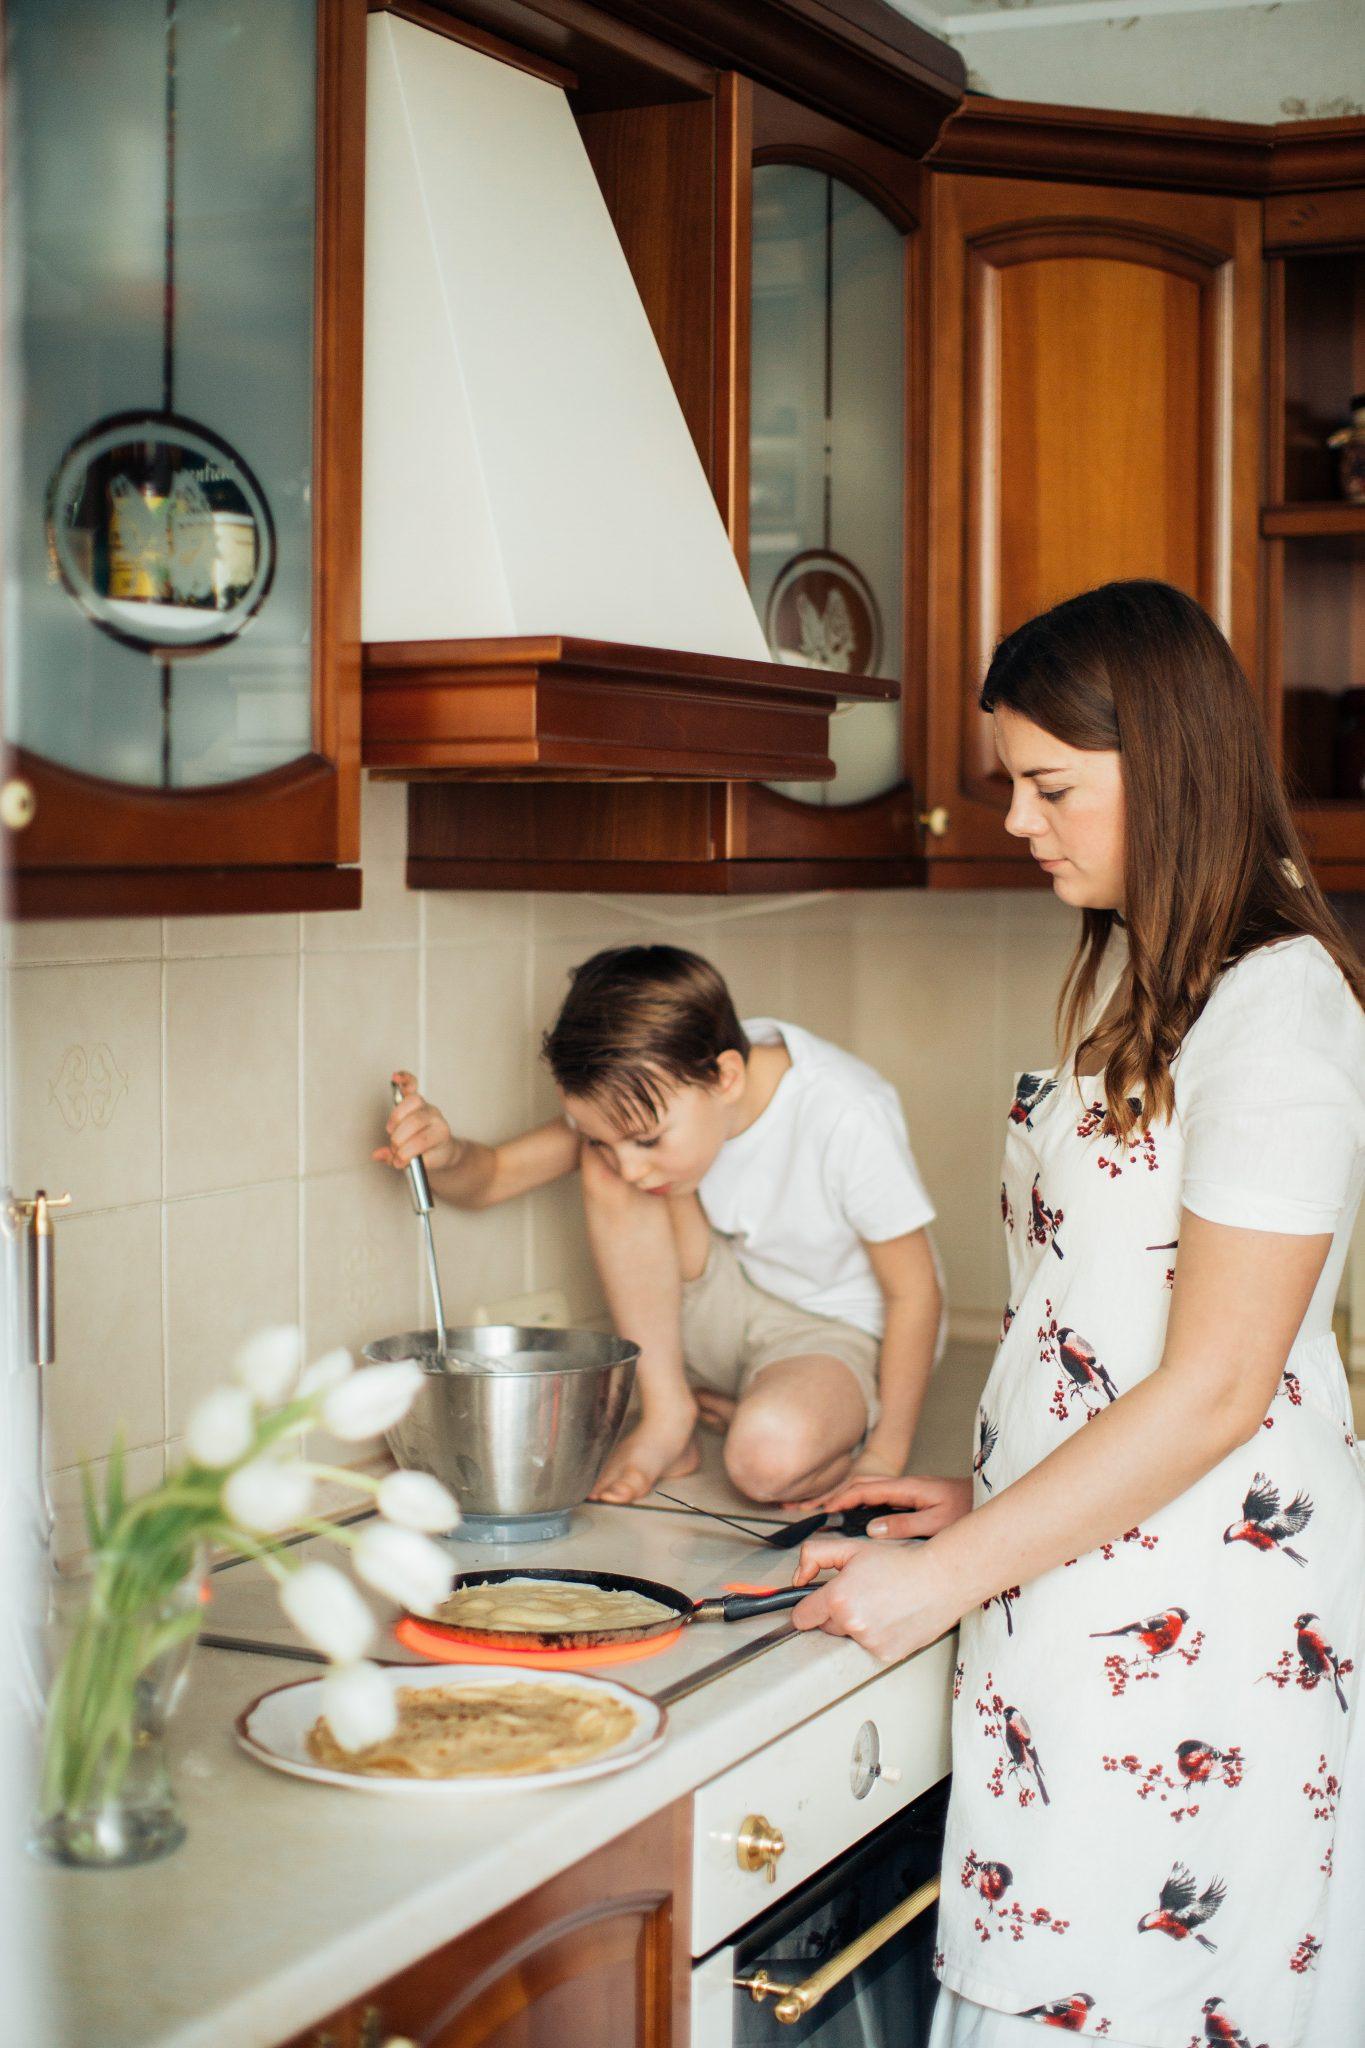 Ce poţi face în bucătărie împreună cu copiii? - 2